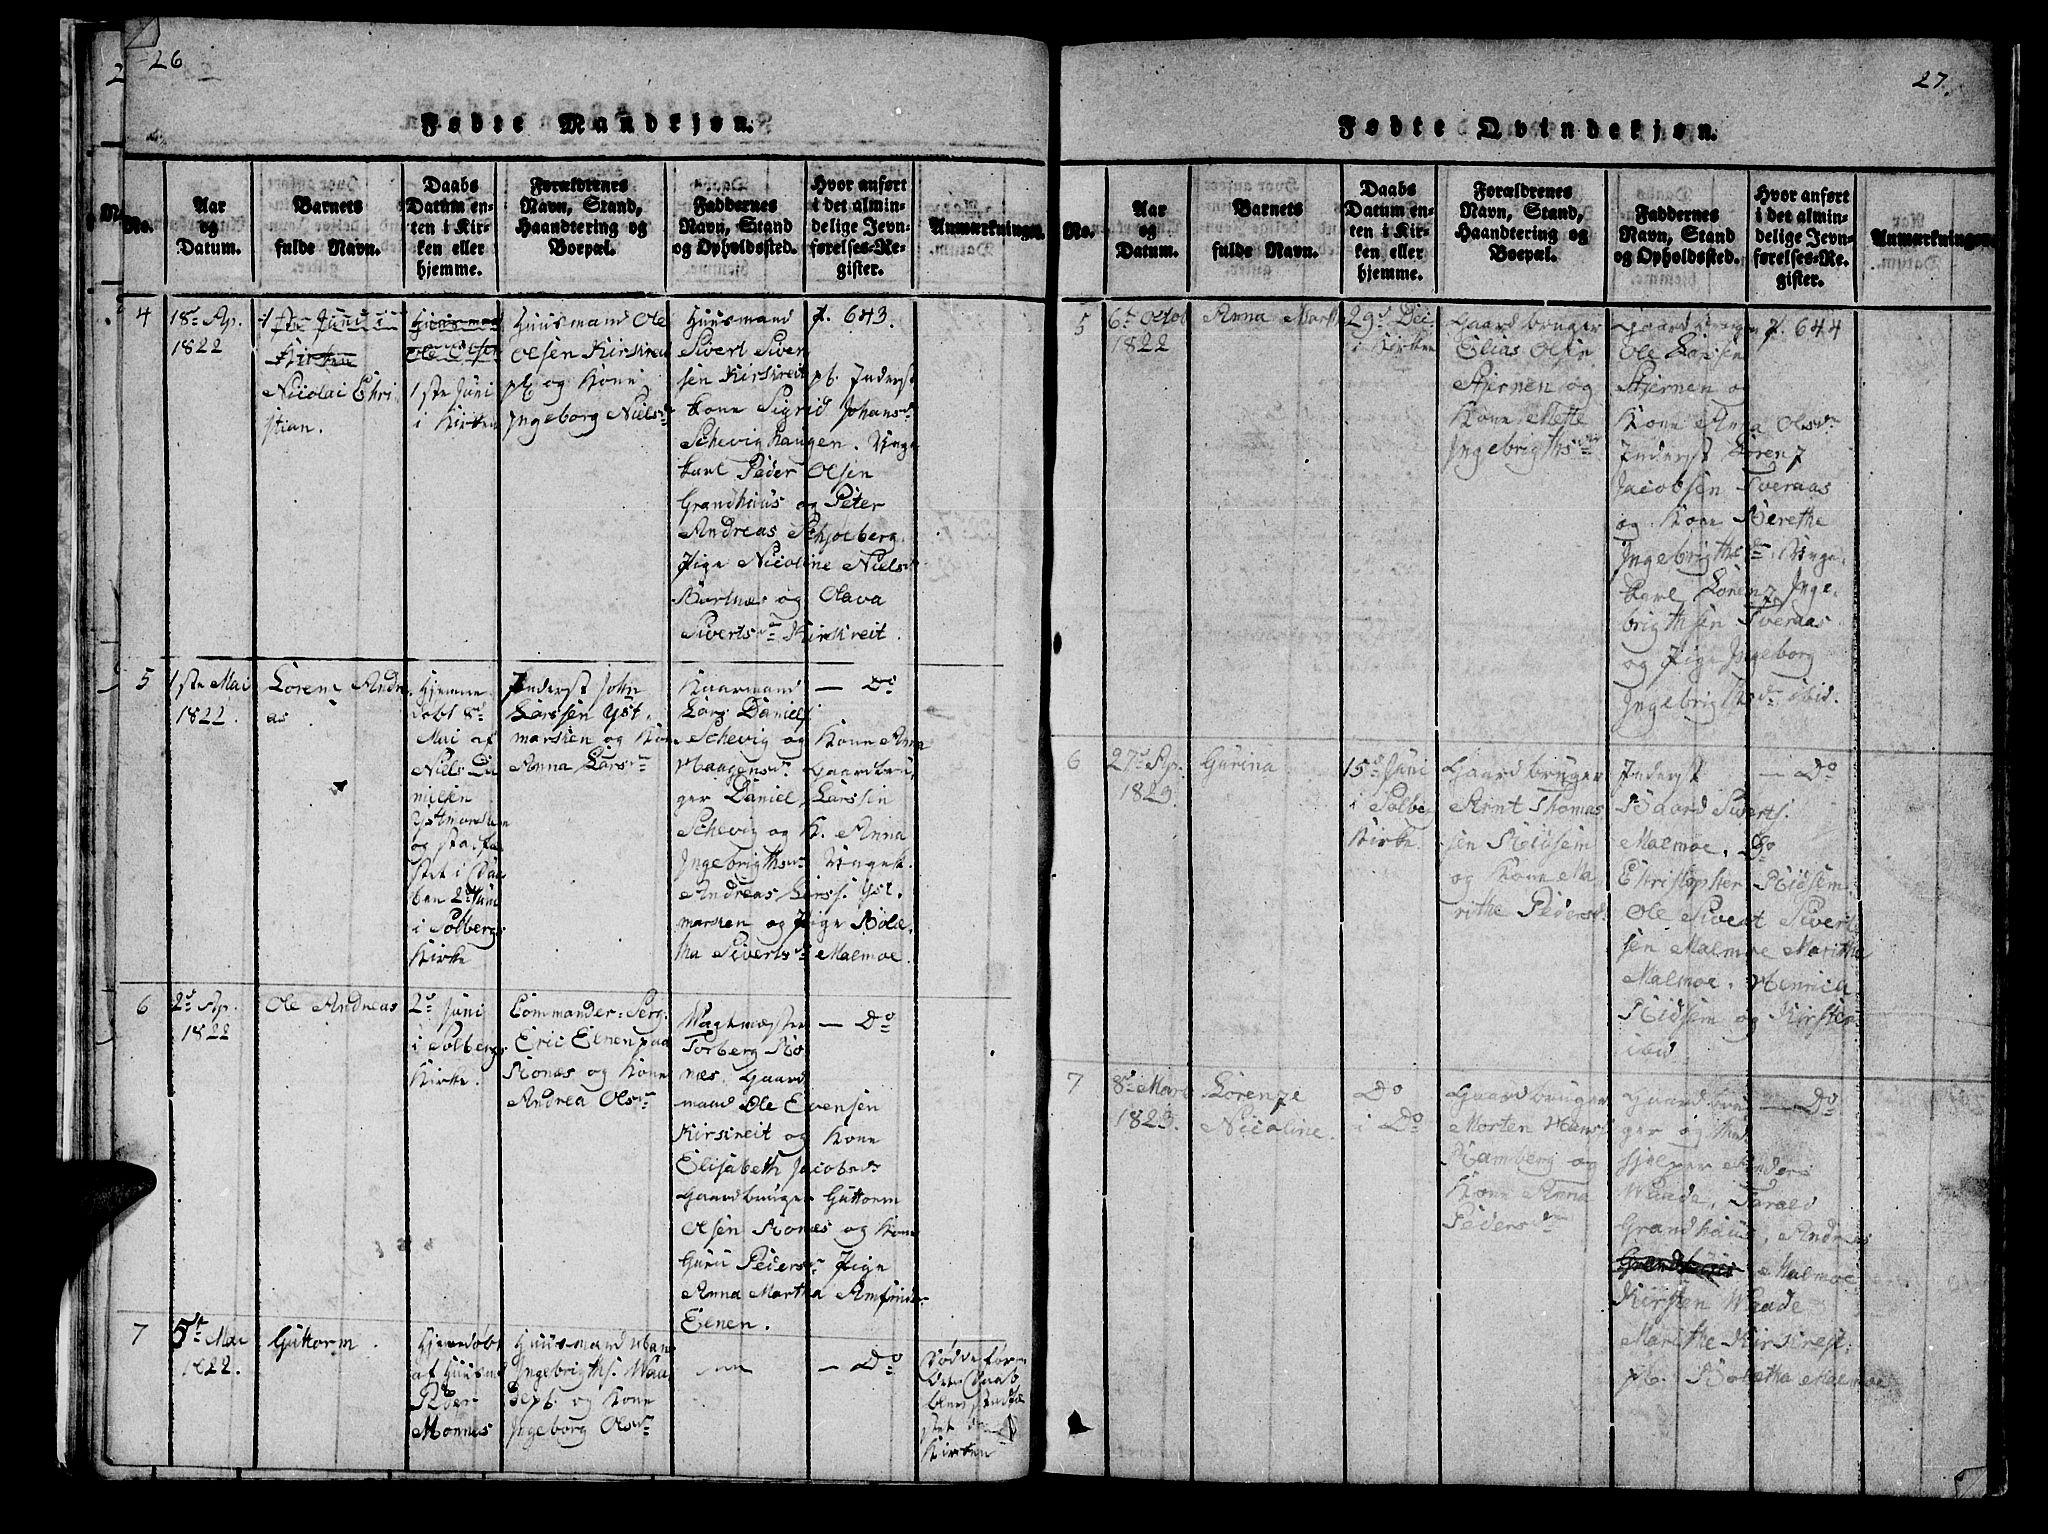 SAT, Ministerialprotokoller, klokkerbøker og fødselsregistre - Nord-Trøndelag, 745/L0433: Klokkerbok nr. 745C02, 1817-1825, s. 26-27